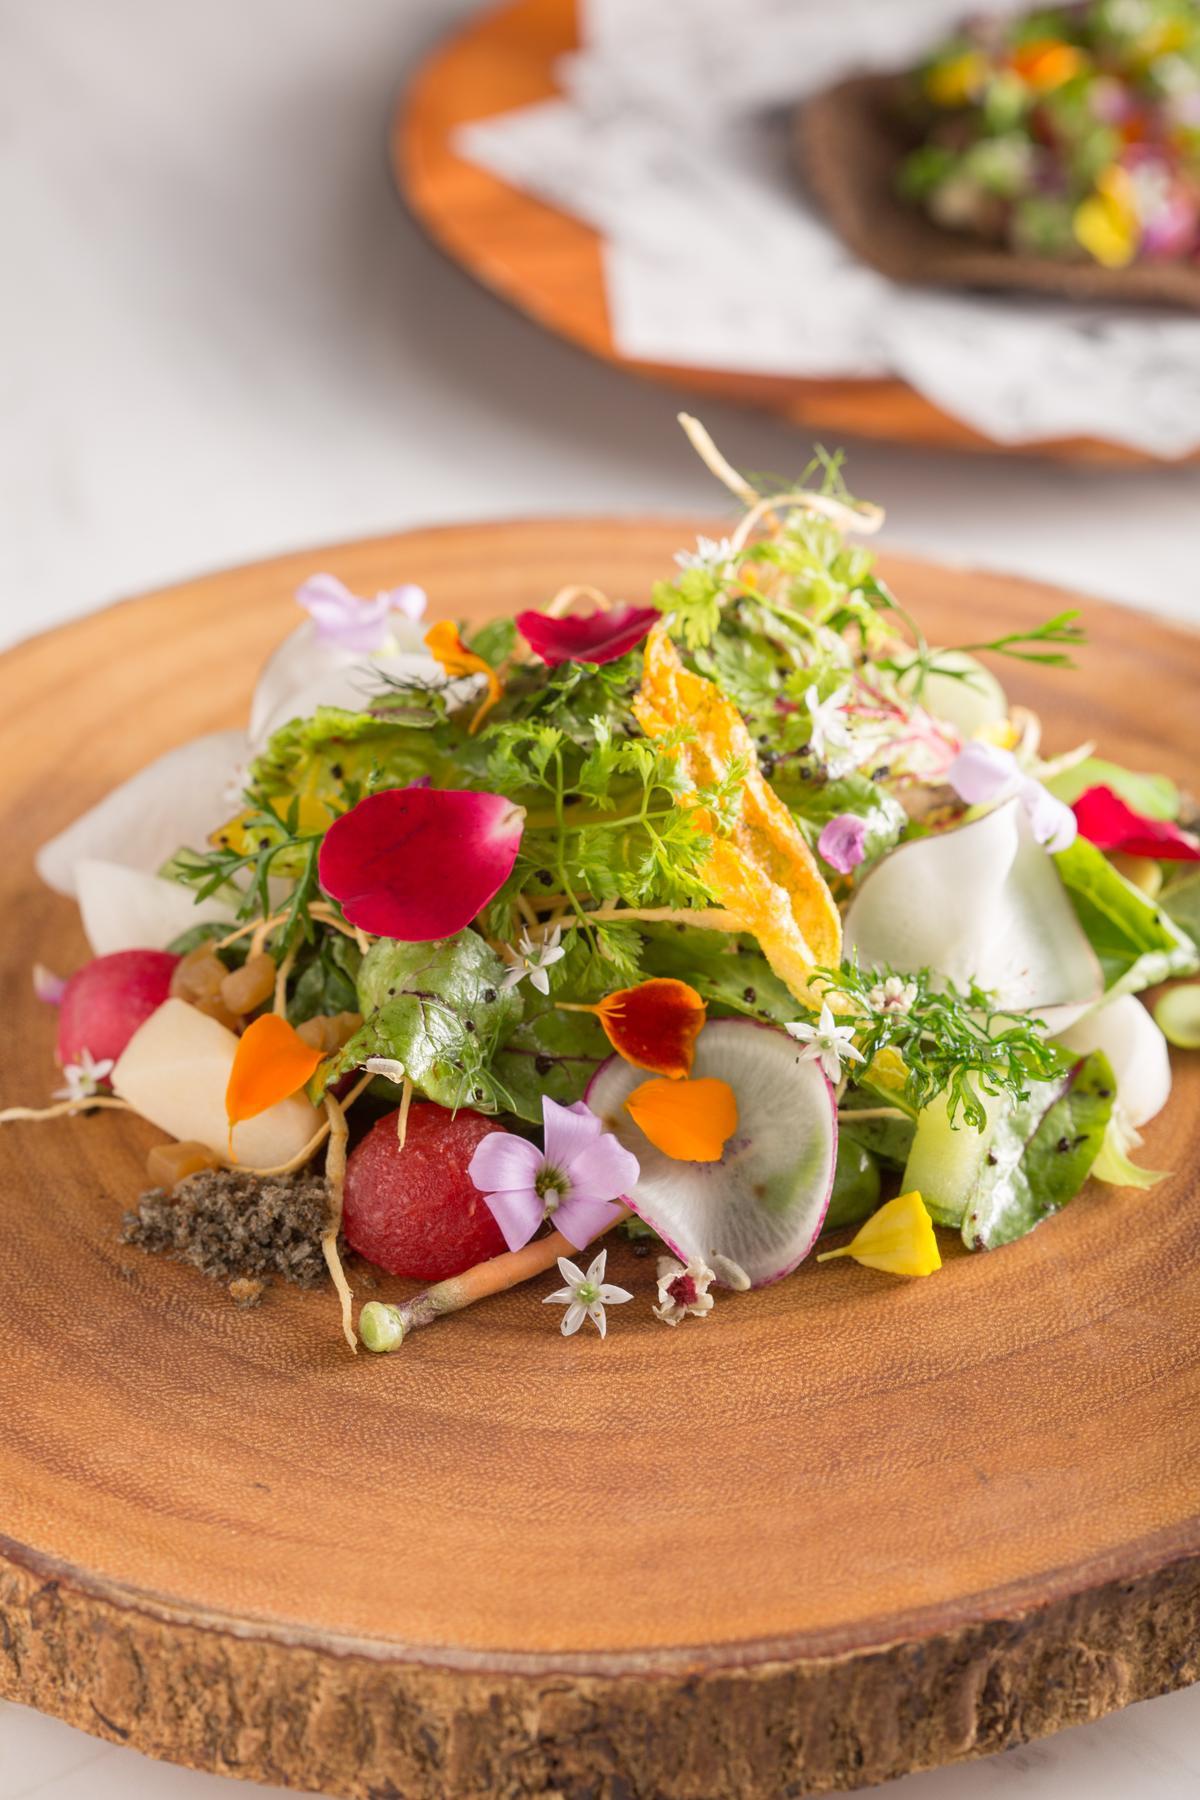 加了炸南瓜花、雞屎藤花、漬蘿蔔等食材的「MUME沙拉」以馬告香料、豆鼓粉末調味,勾出了沙拉的鮮味,每一口都滋味層疊,風味不同。(480元/份)